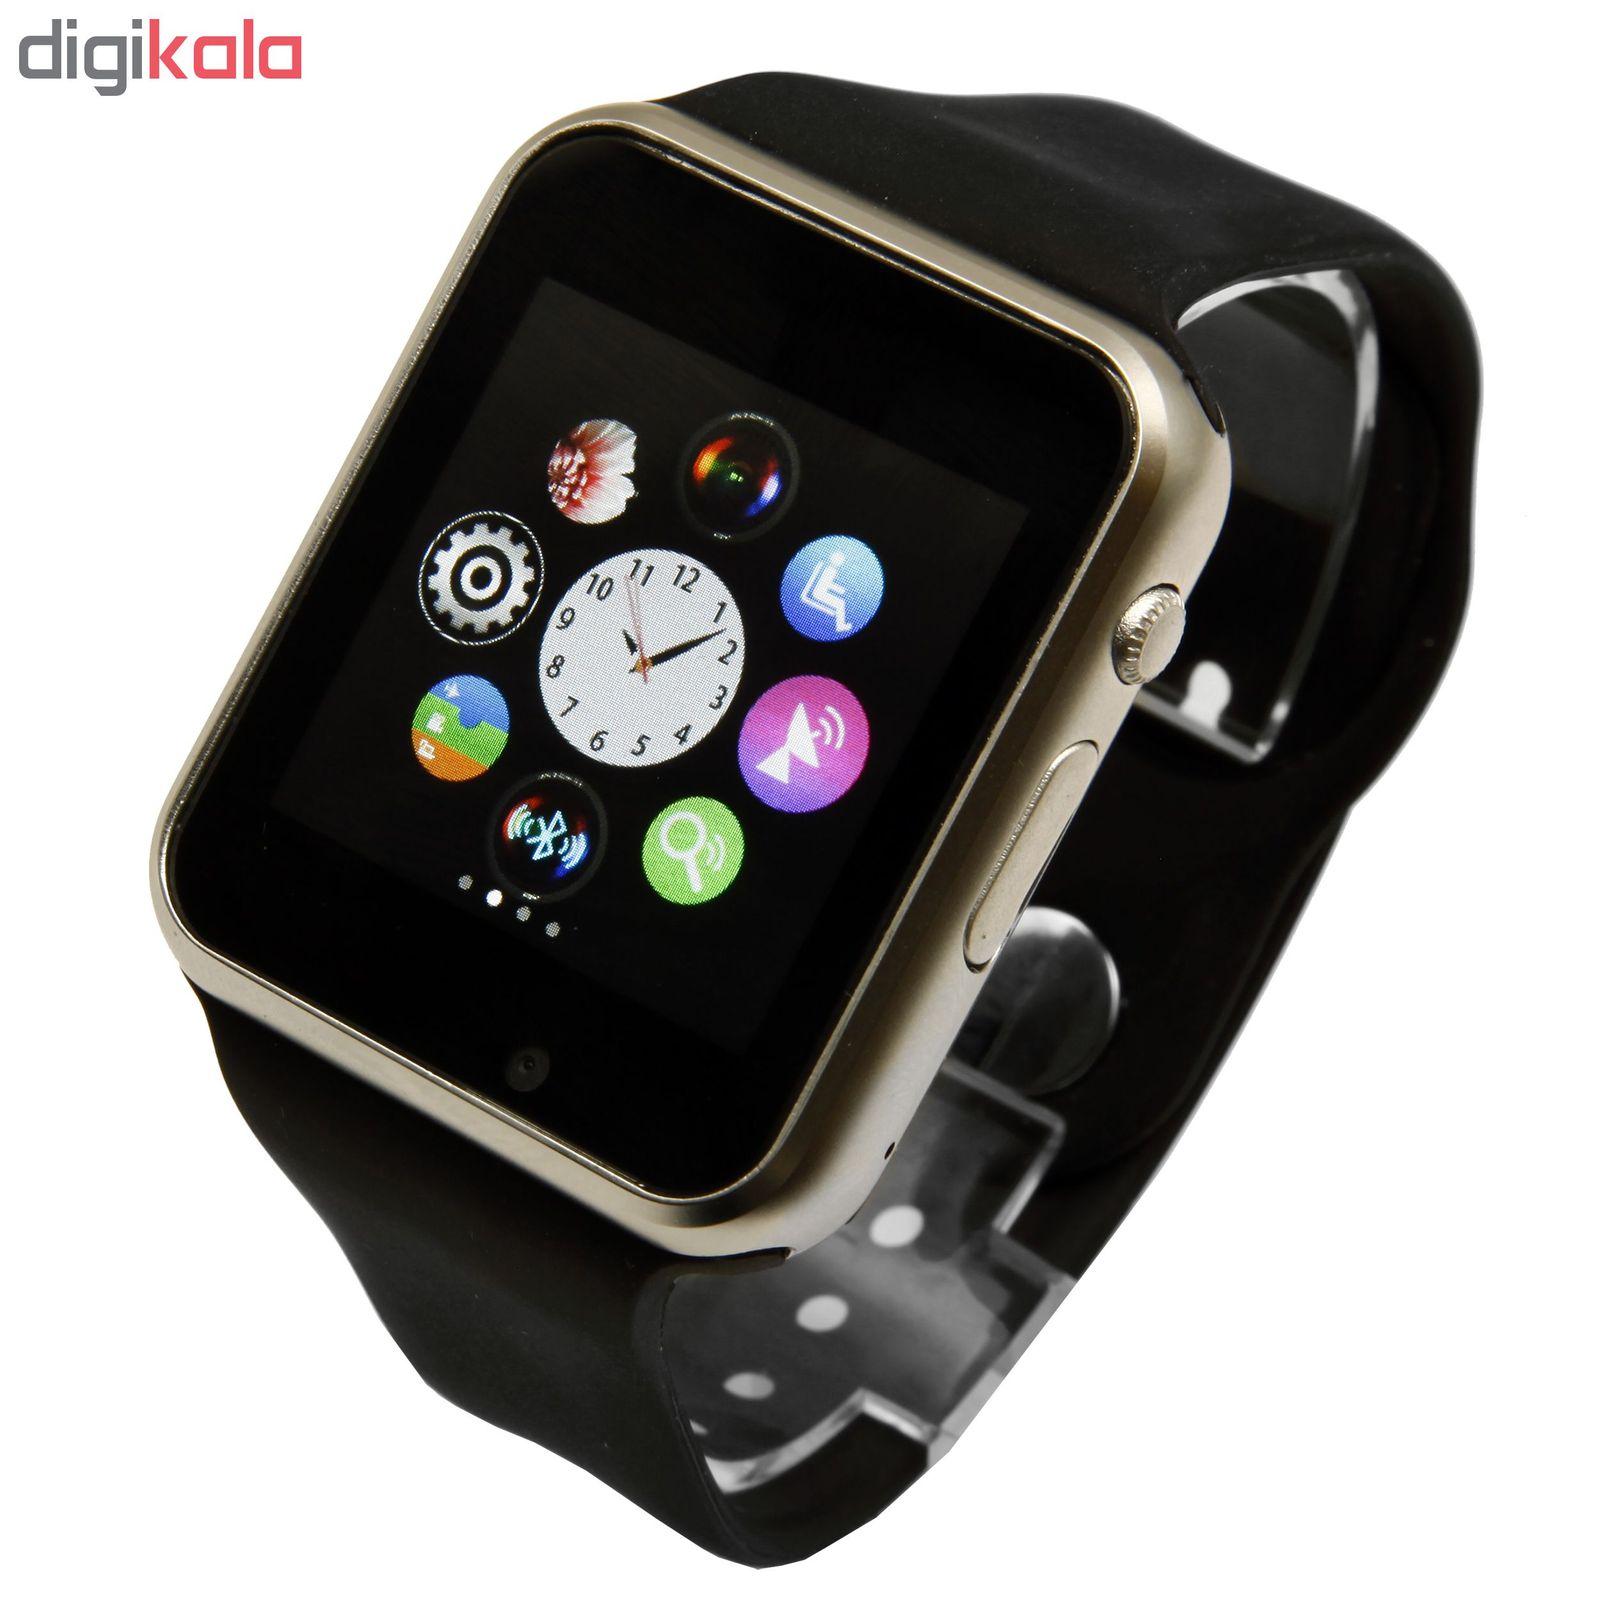 ساعت هوشمند جی تب مدل W101 main 1 24